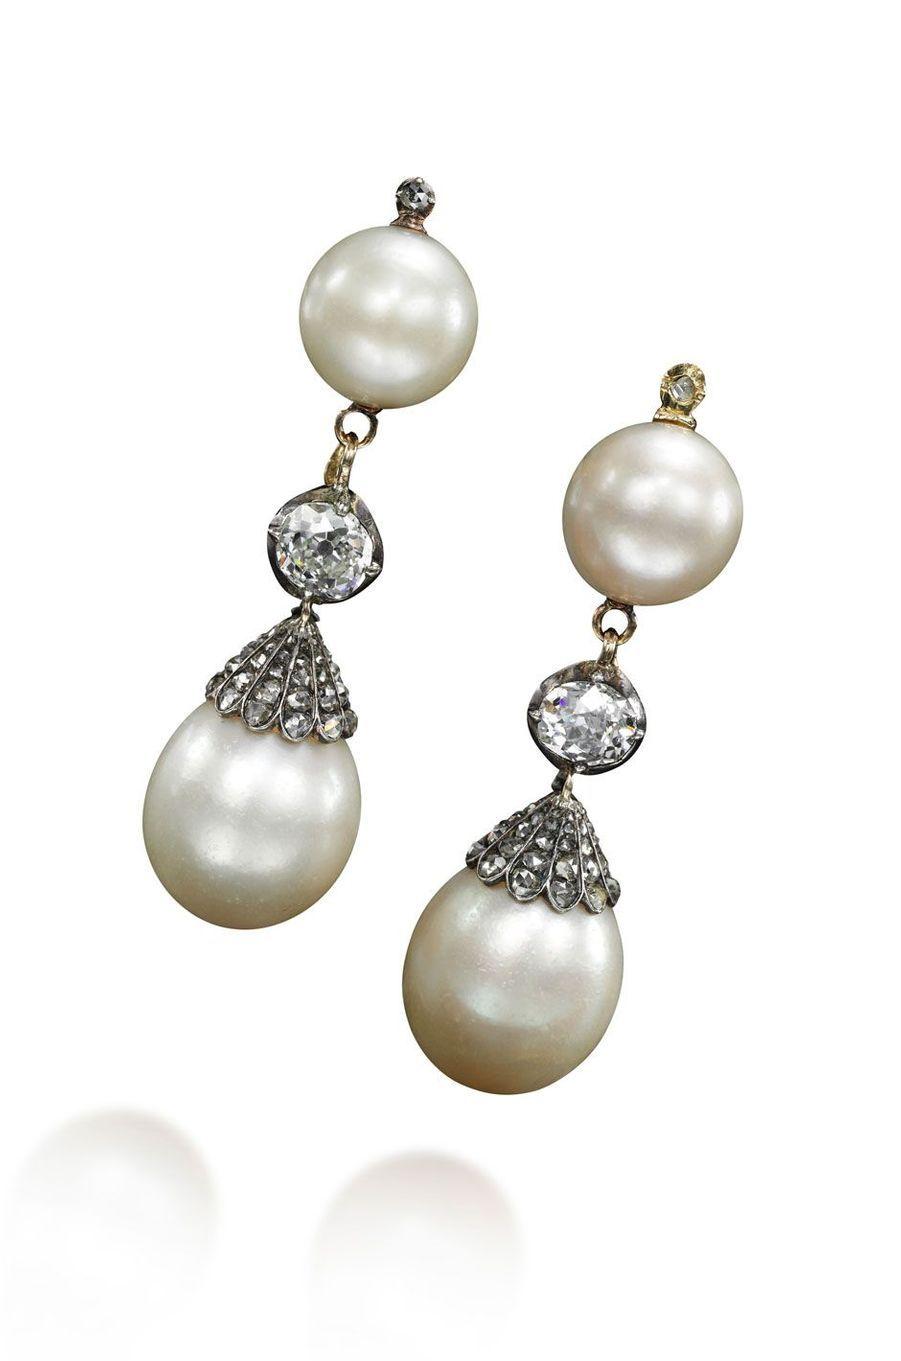 Bijoux de Marie-Antoinette : boucles d'oreilles ornées de perles